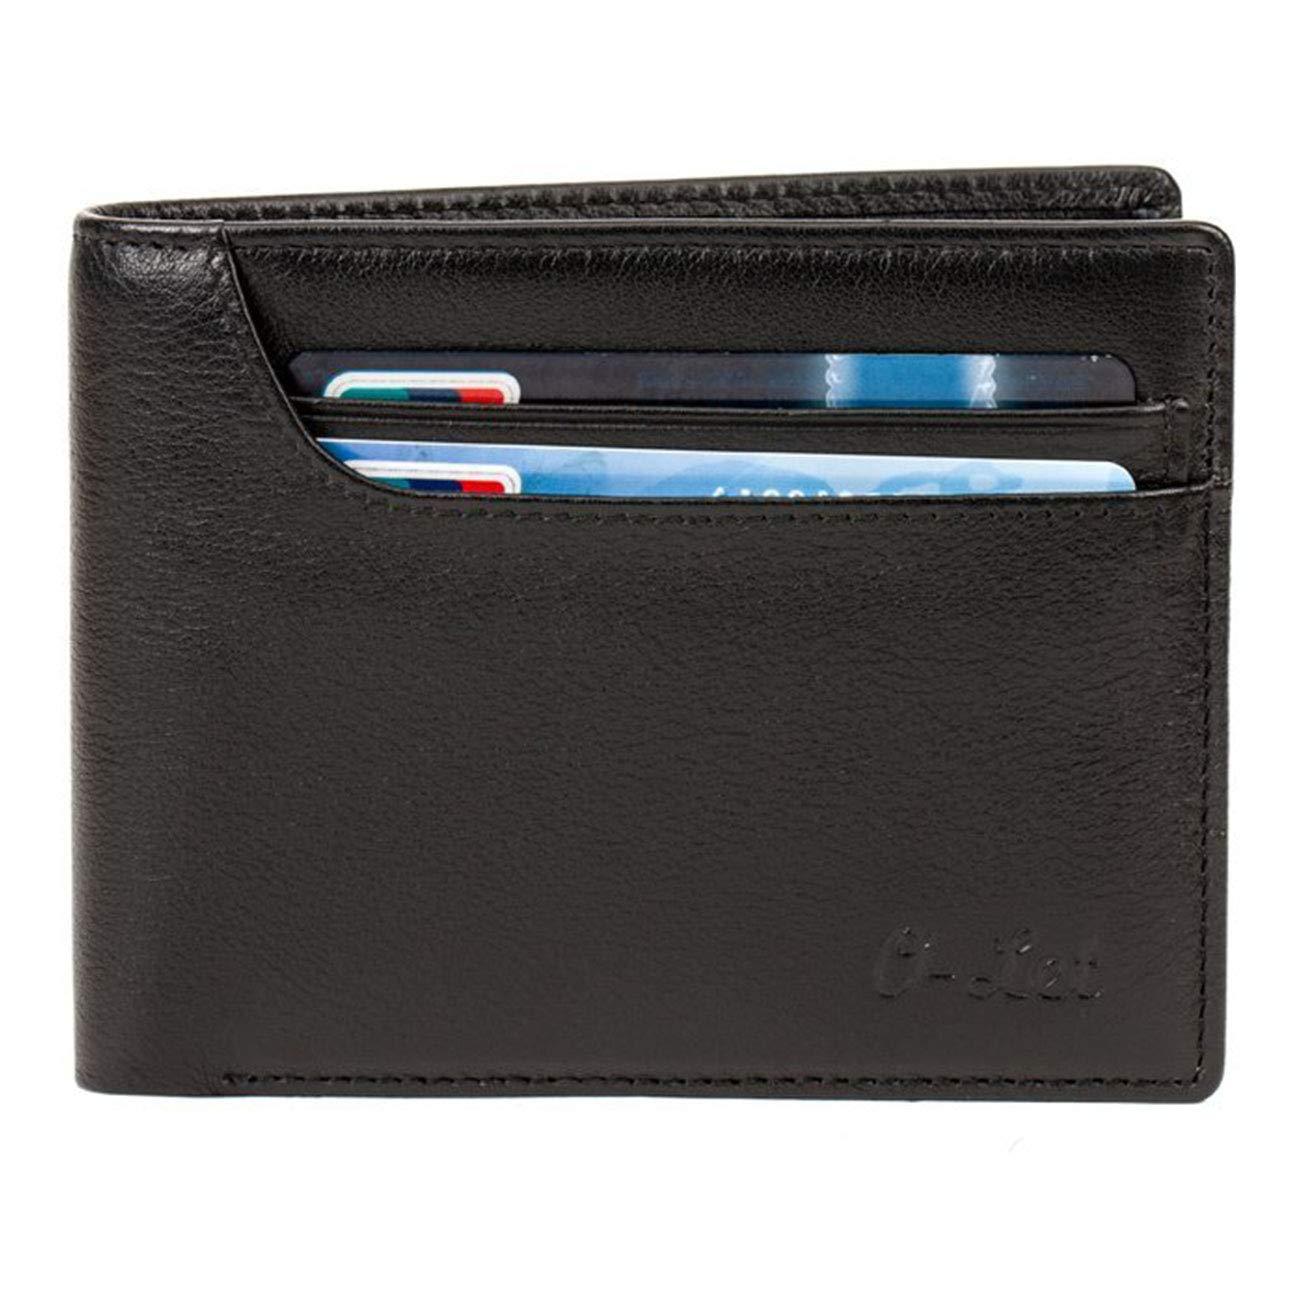 O-LET RFID Geldbörse Herren aus echtem leder portmonee herren klein Minimalistisch Geldbeutel Männer 11 Kartenfächer und 2 Geldtasche Weihnachtsgeschenk für Männer WM001-DBR-US